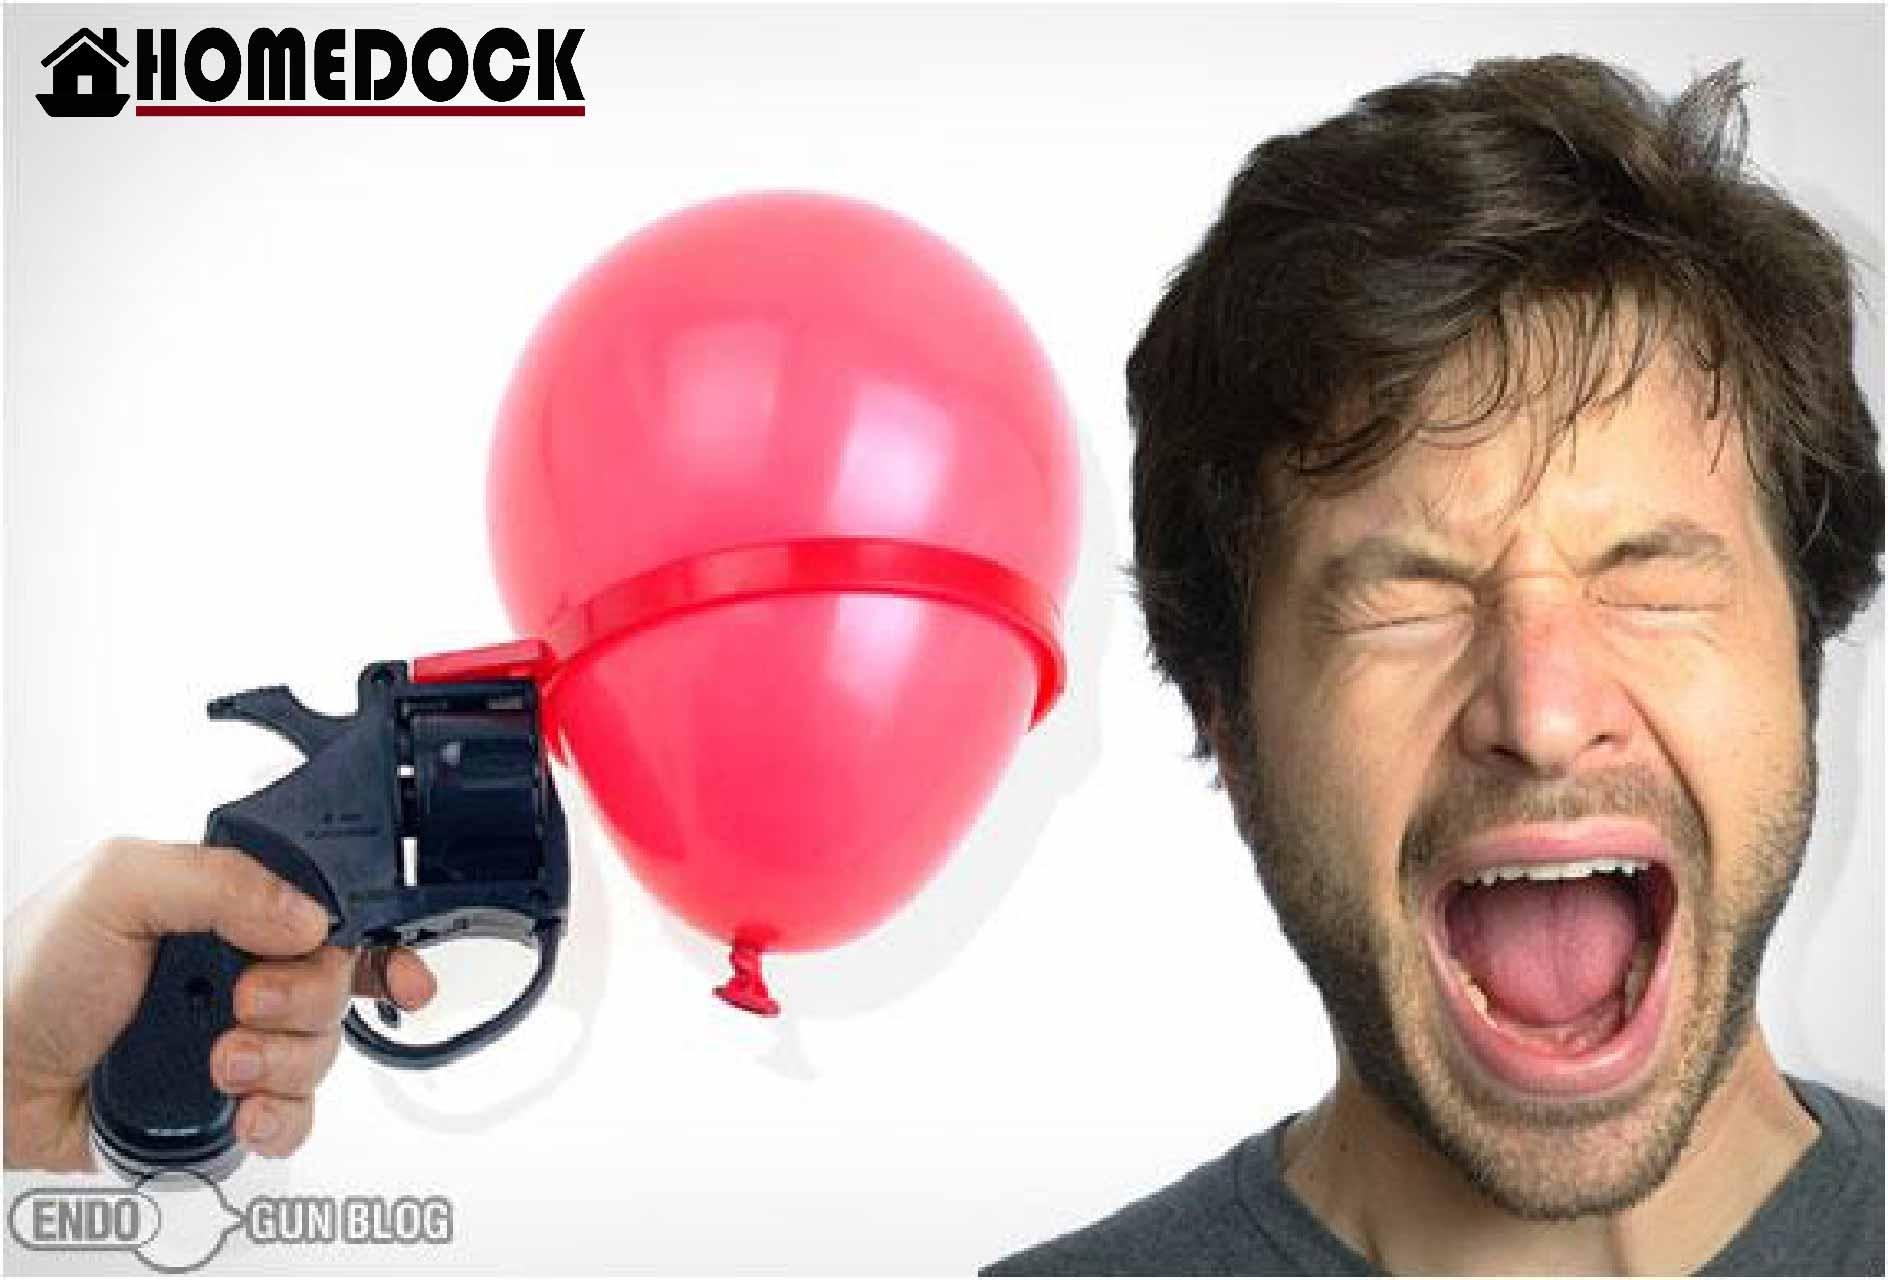 俄羅斯輪盤氣球手槍 派對/遊戲/玩具